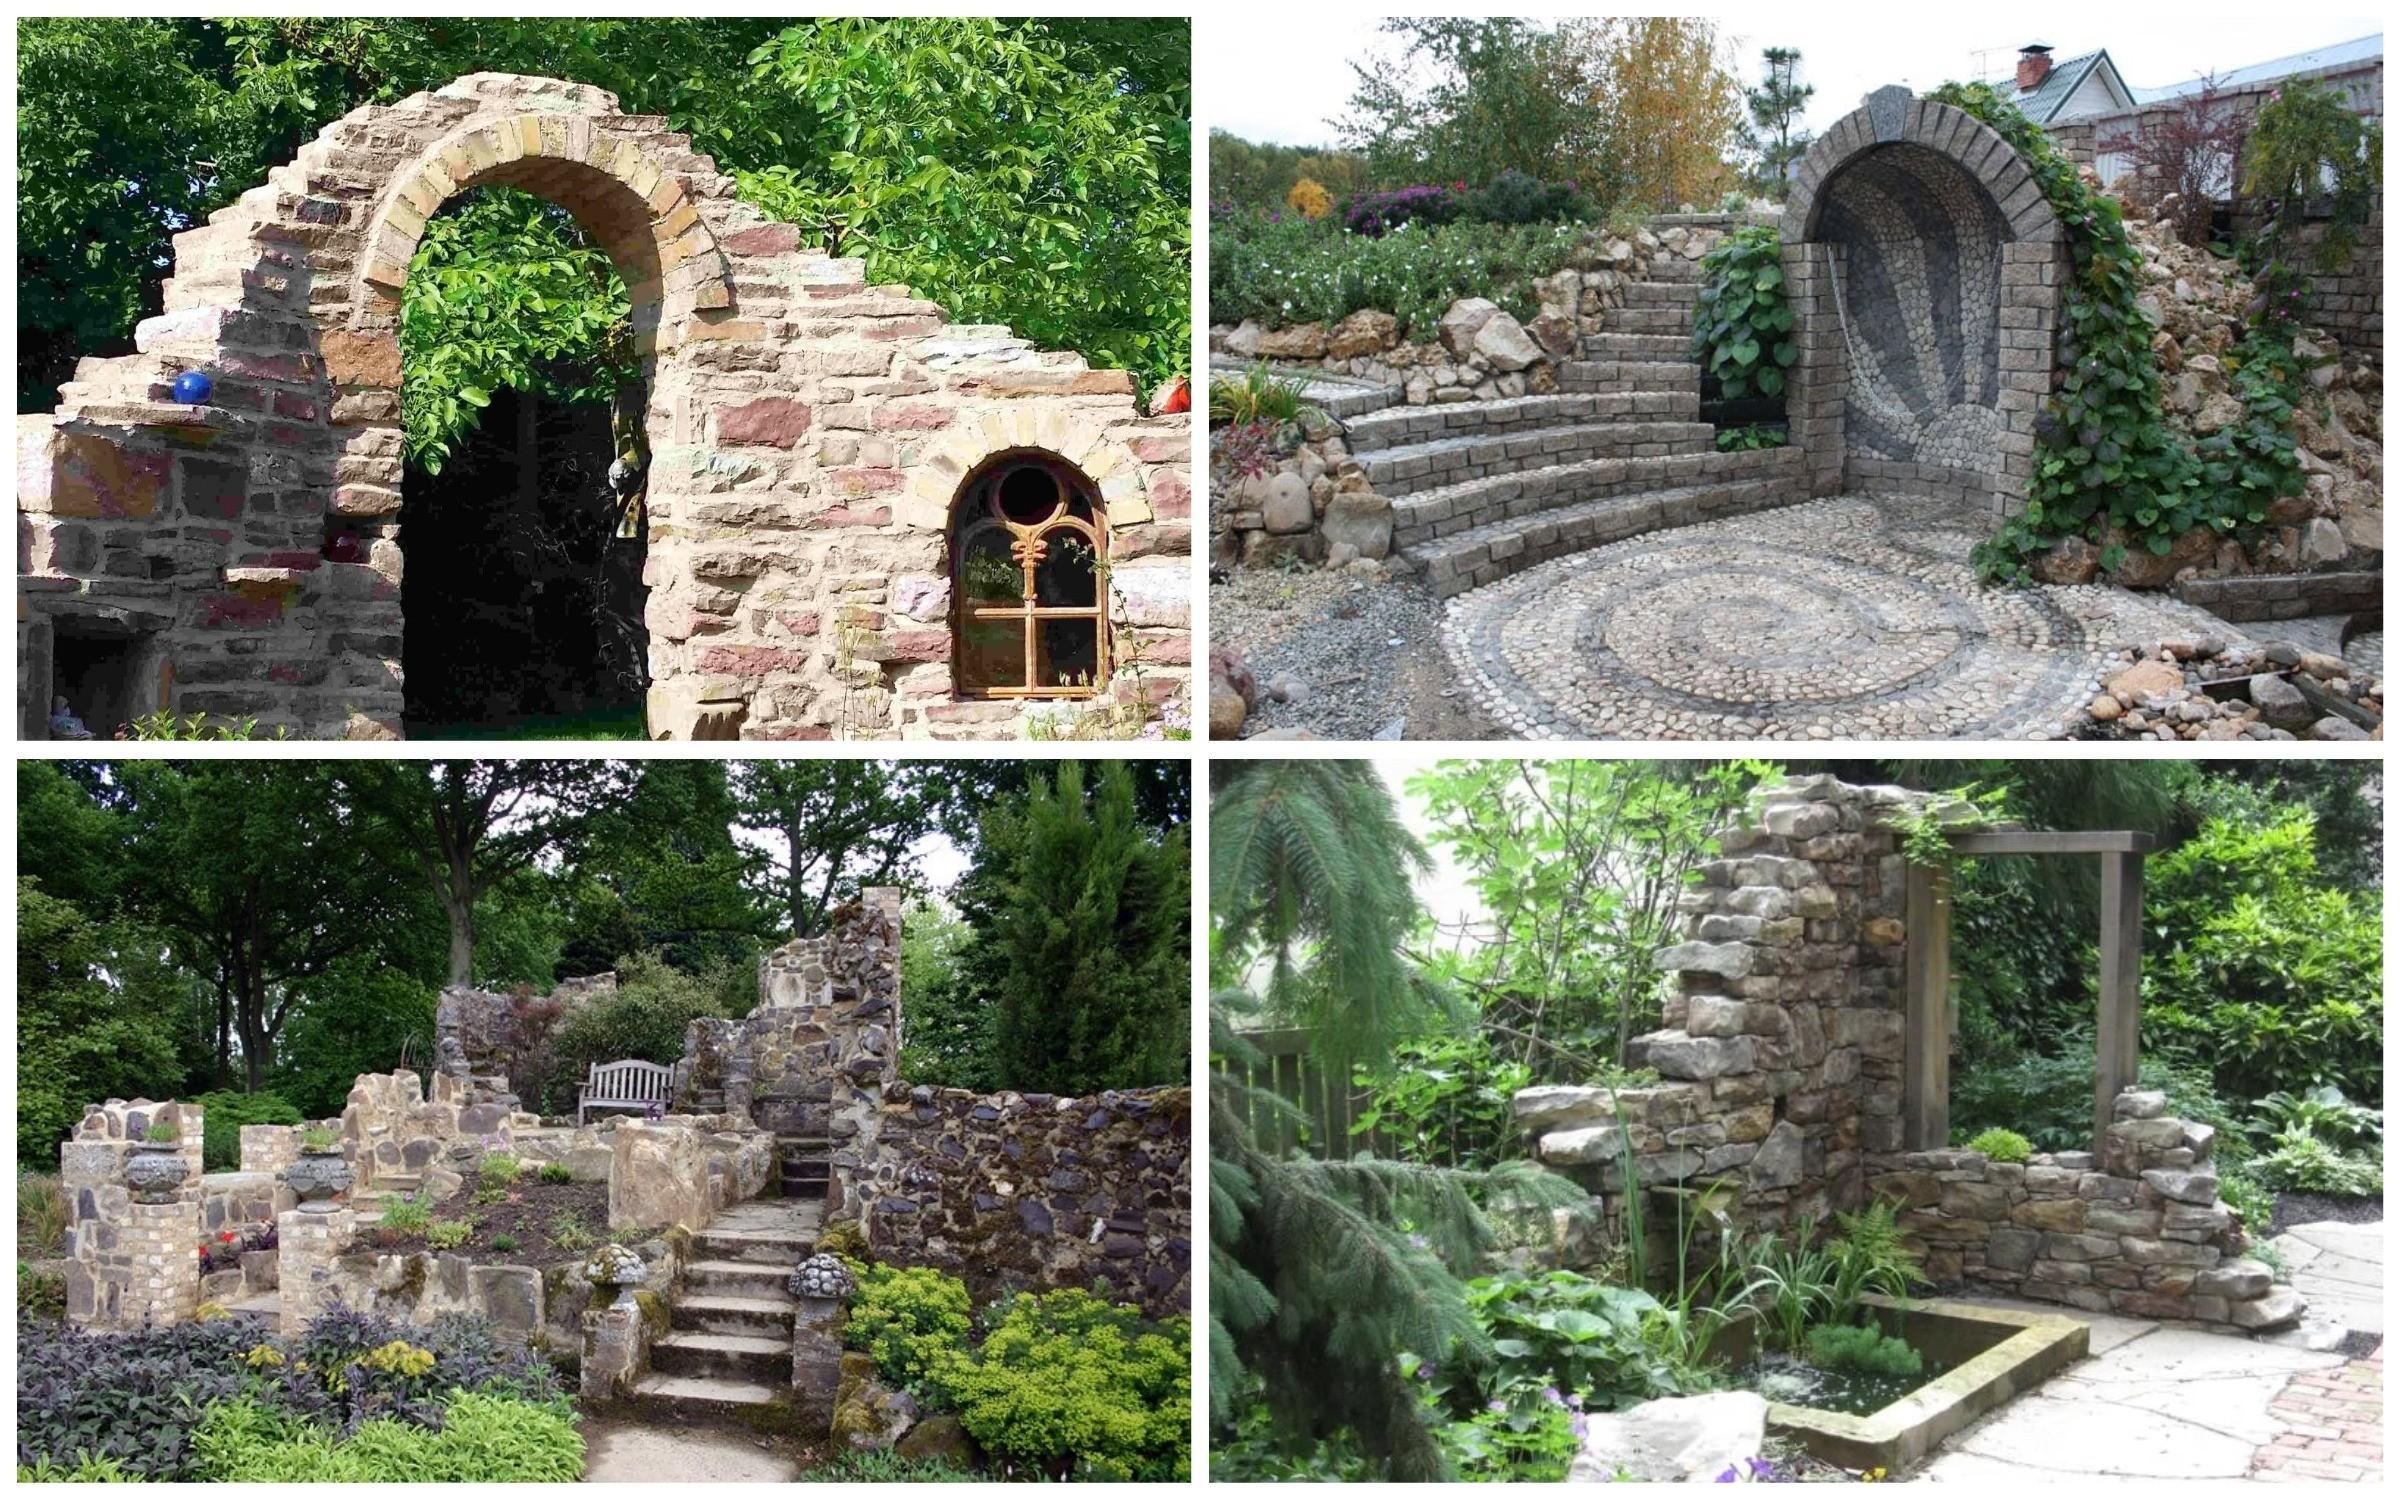 изображение развалин из камней в саду